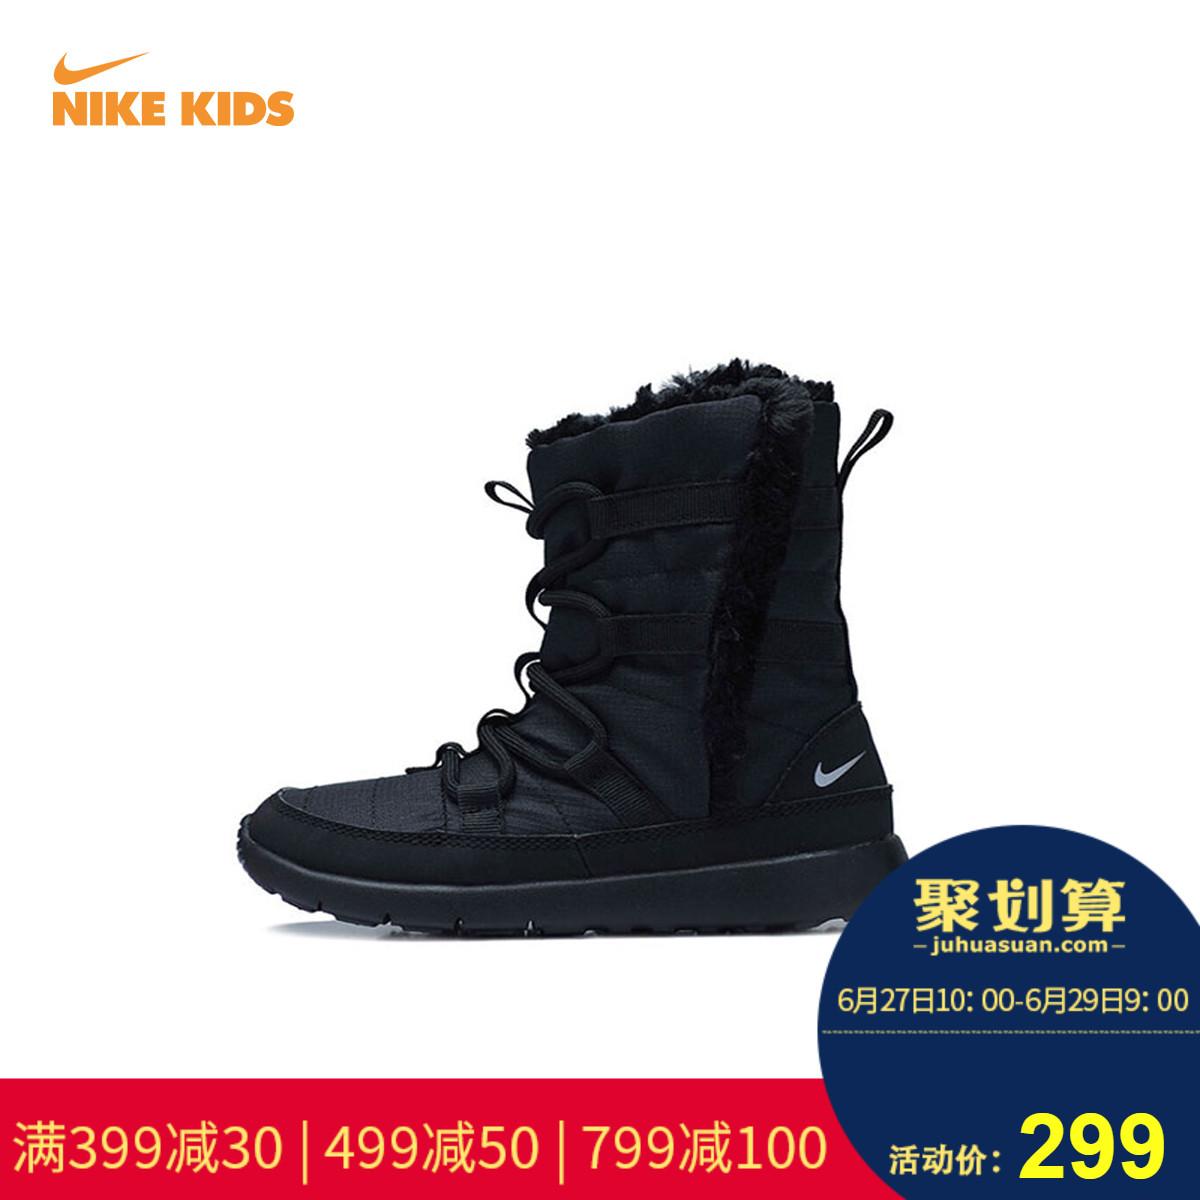 NIKE耐克童鞋中小童雪地靴男女童长筒冬靴婴童幼童冬季保暖运动靴